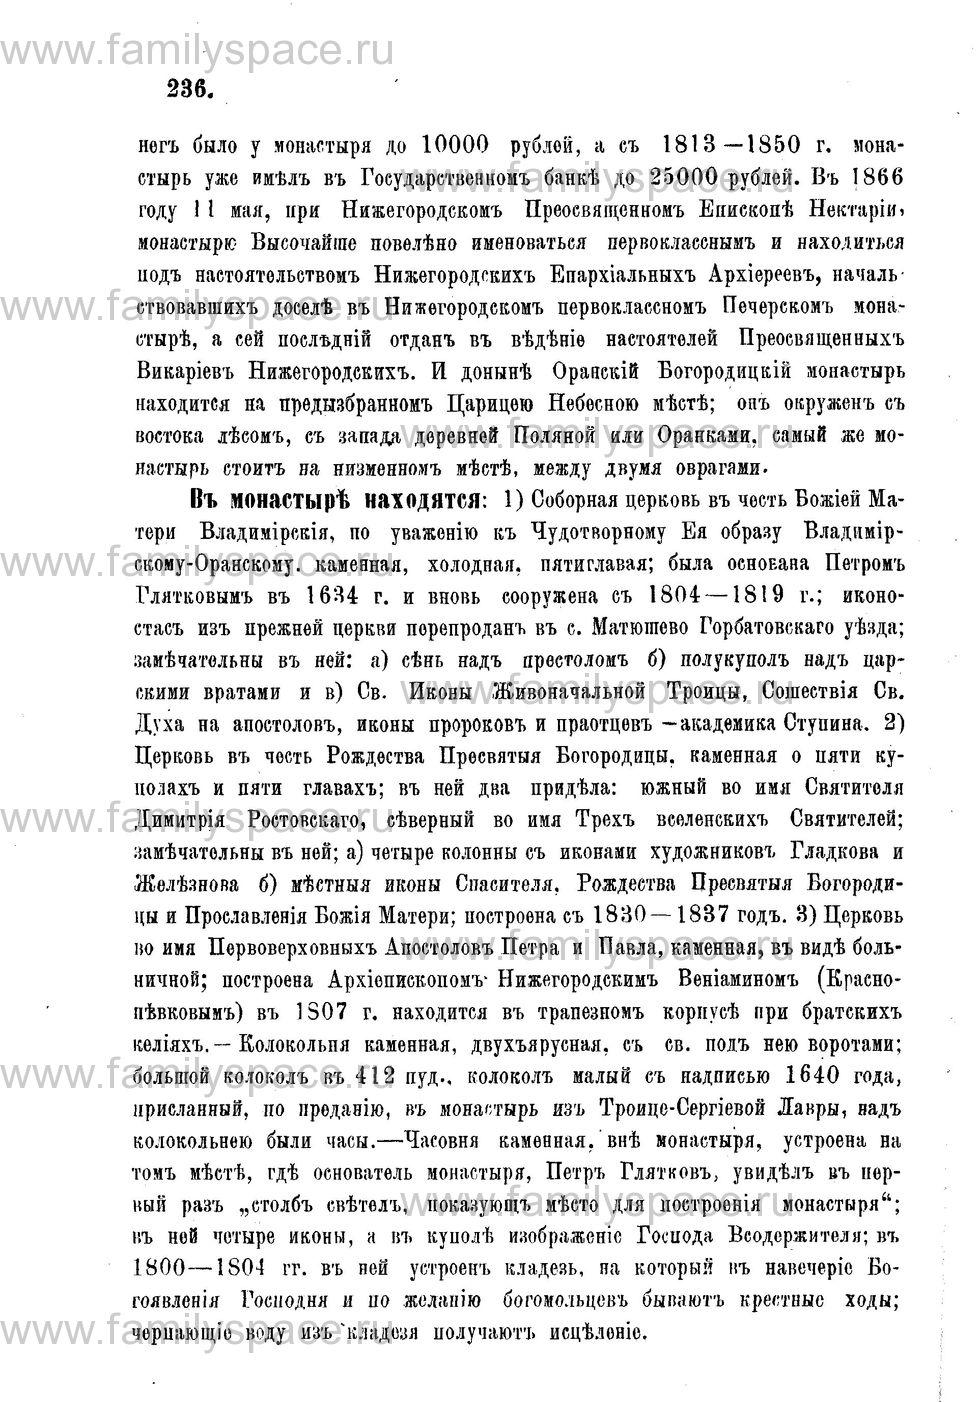 Поиск по фамилии - Адрес-календарь Нижегородской епархии на 1888 год, страница 1236